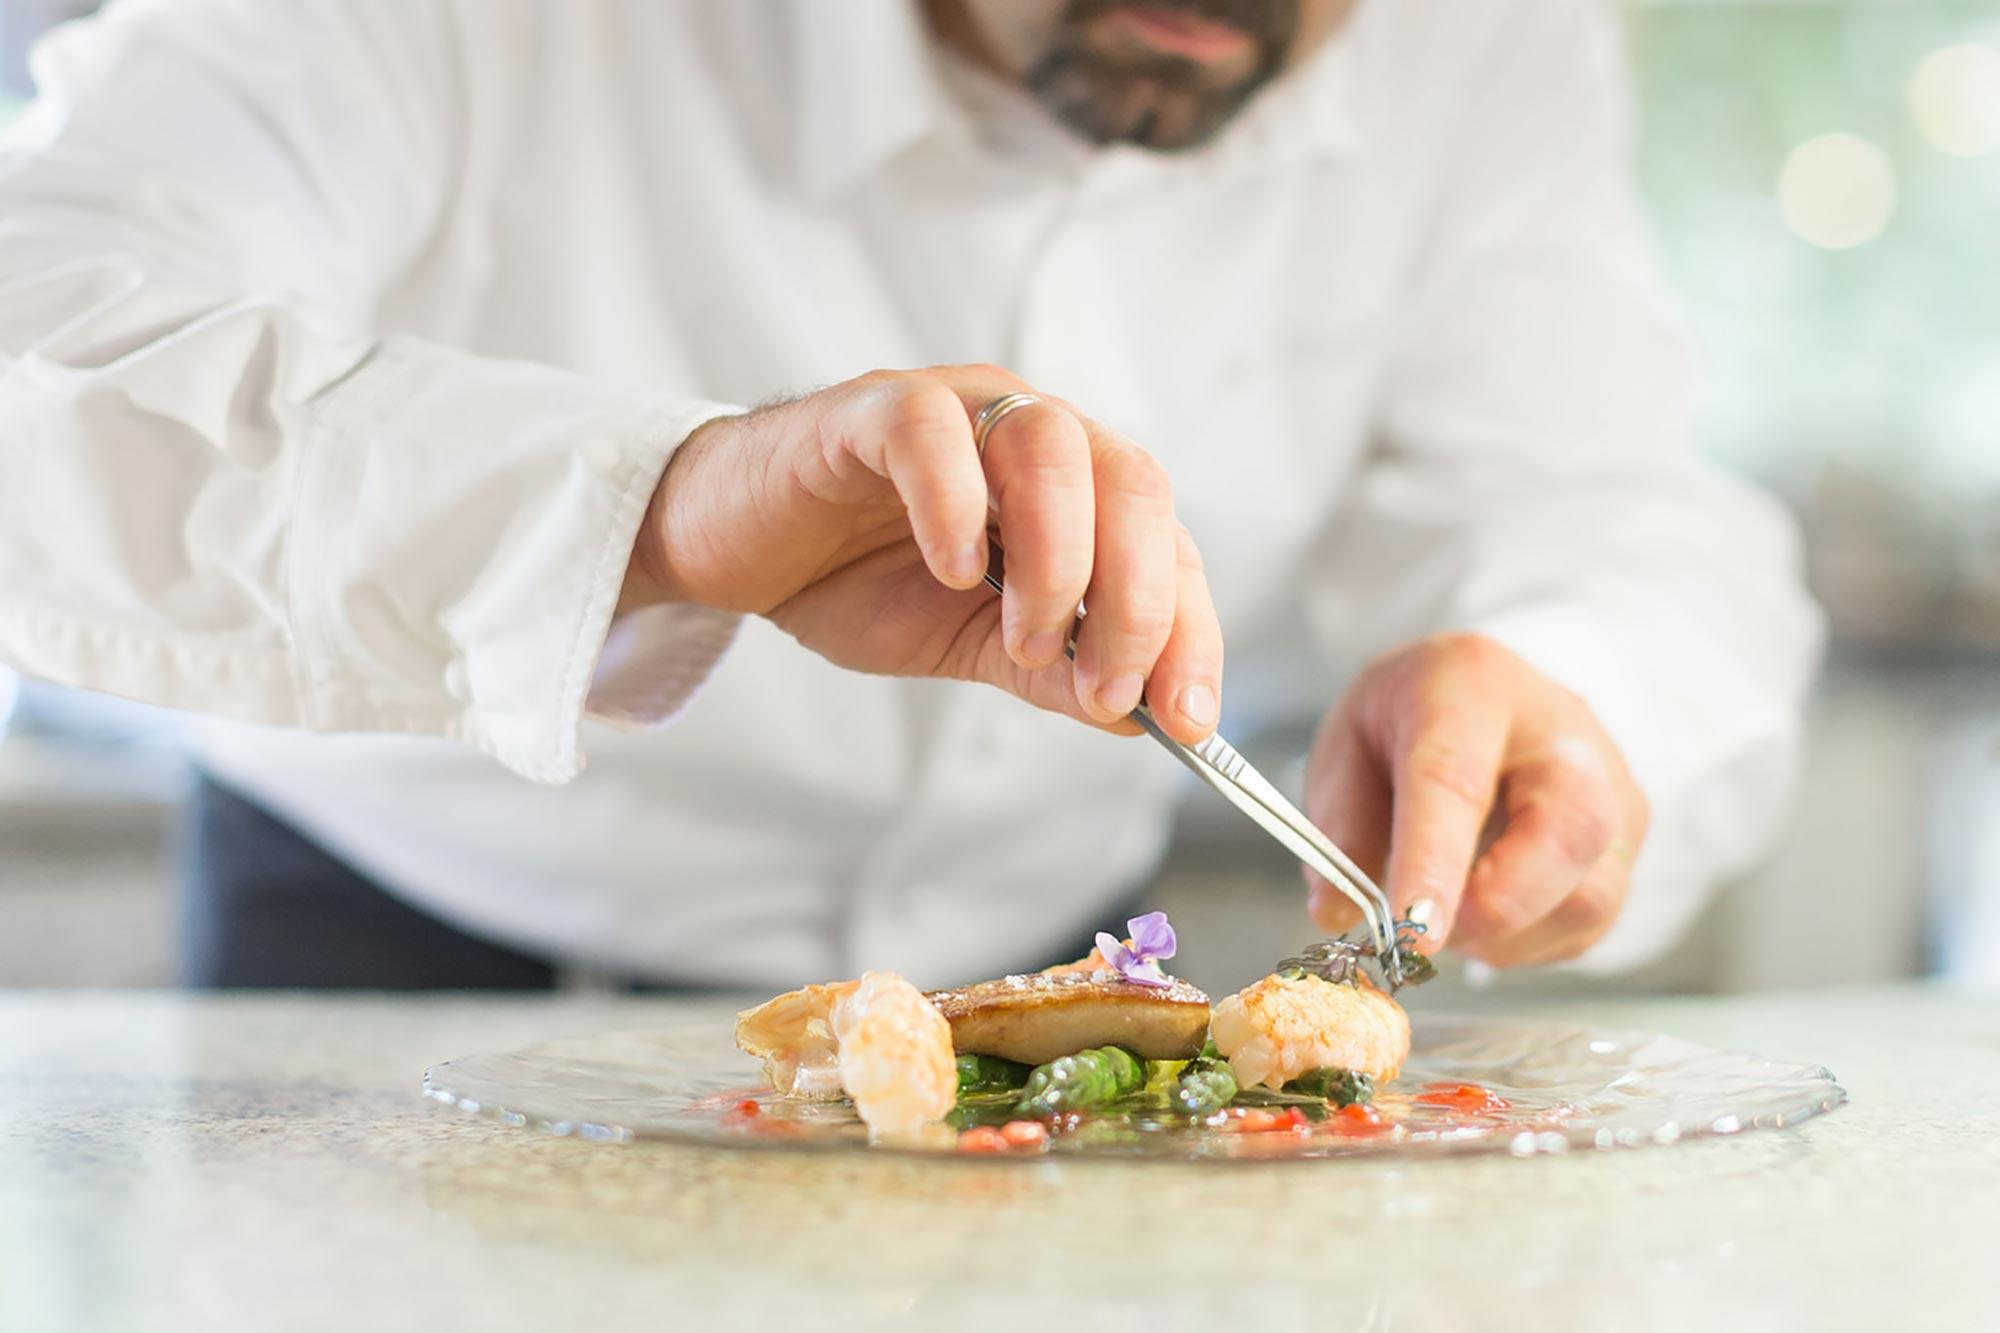 détail sur mains d'un chef dressant une assiette avec une petite pince de précision